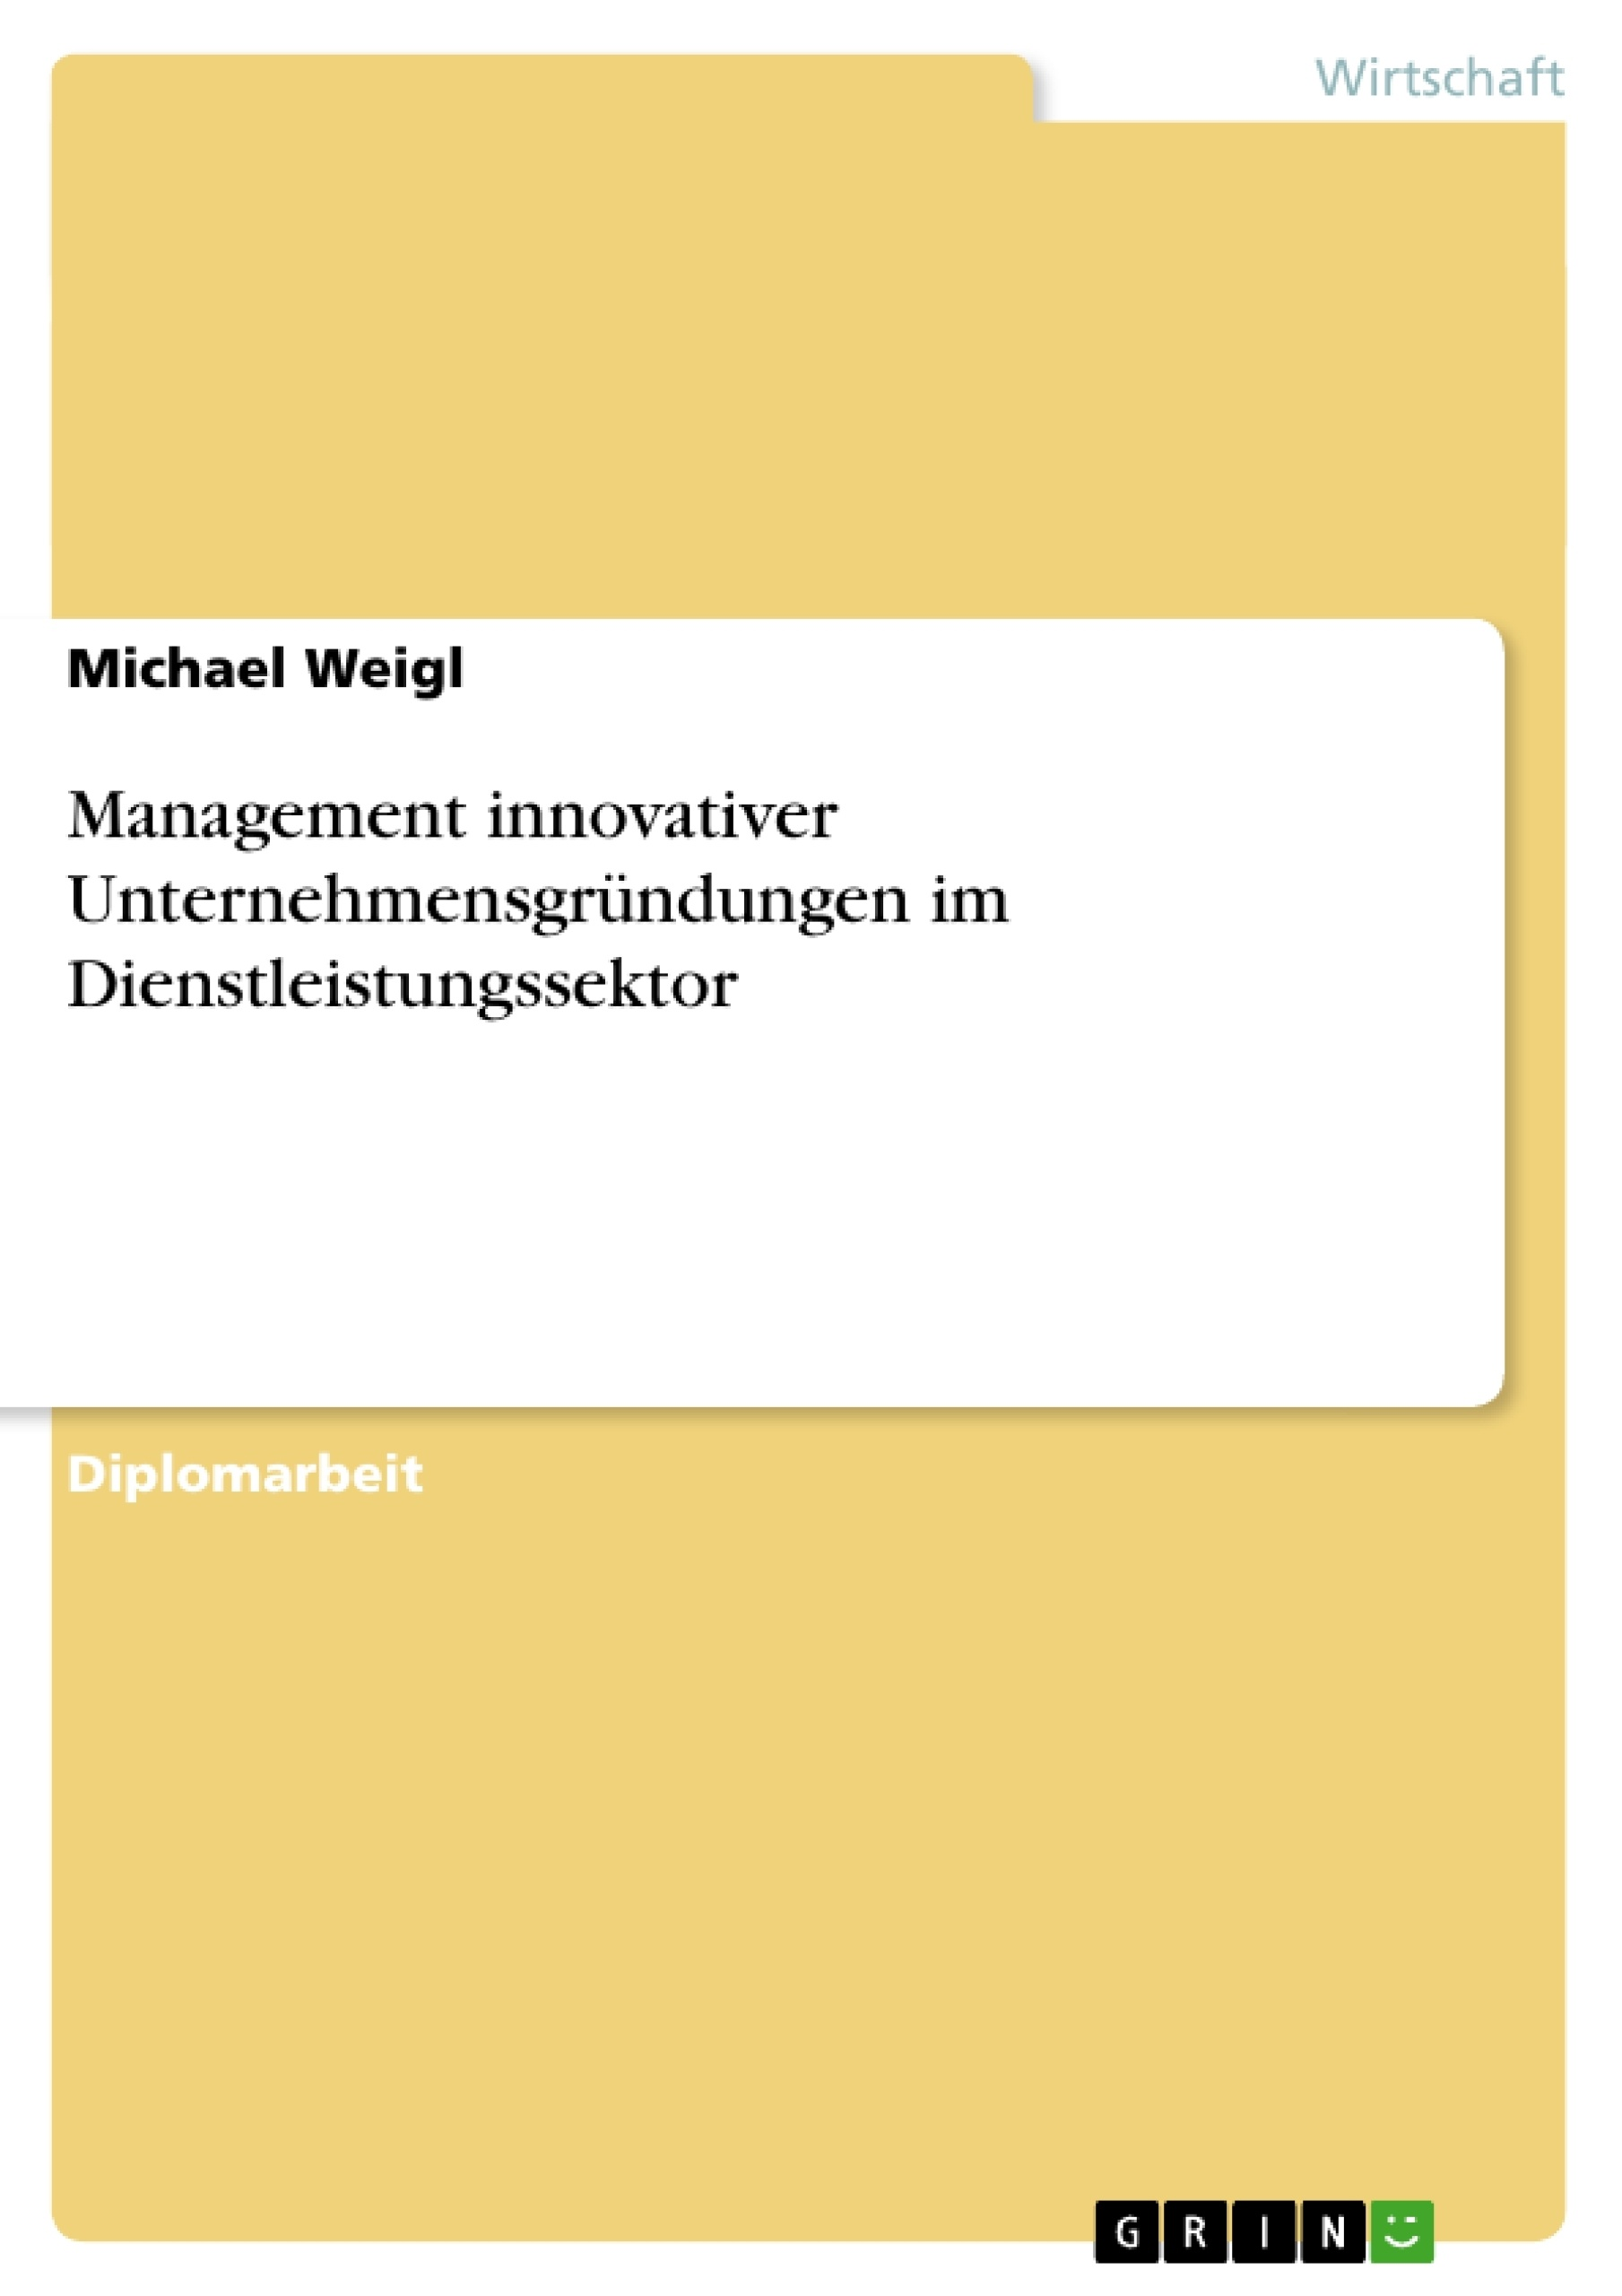 Titel: Management innovativer Unternehmensgründungen im Dienstleistungssektor